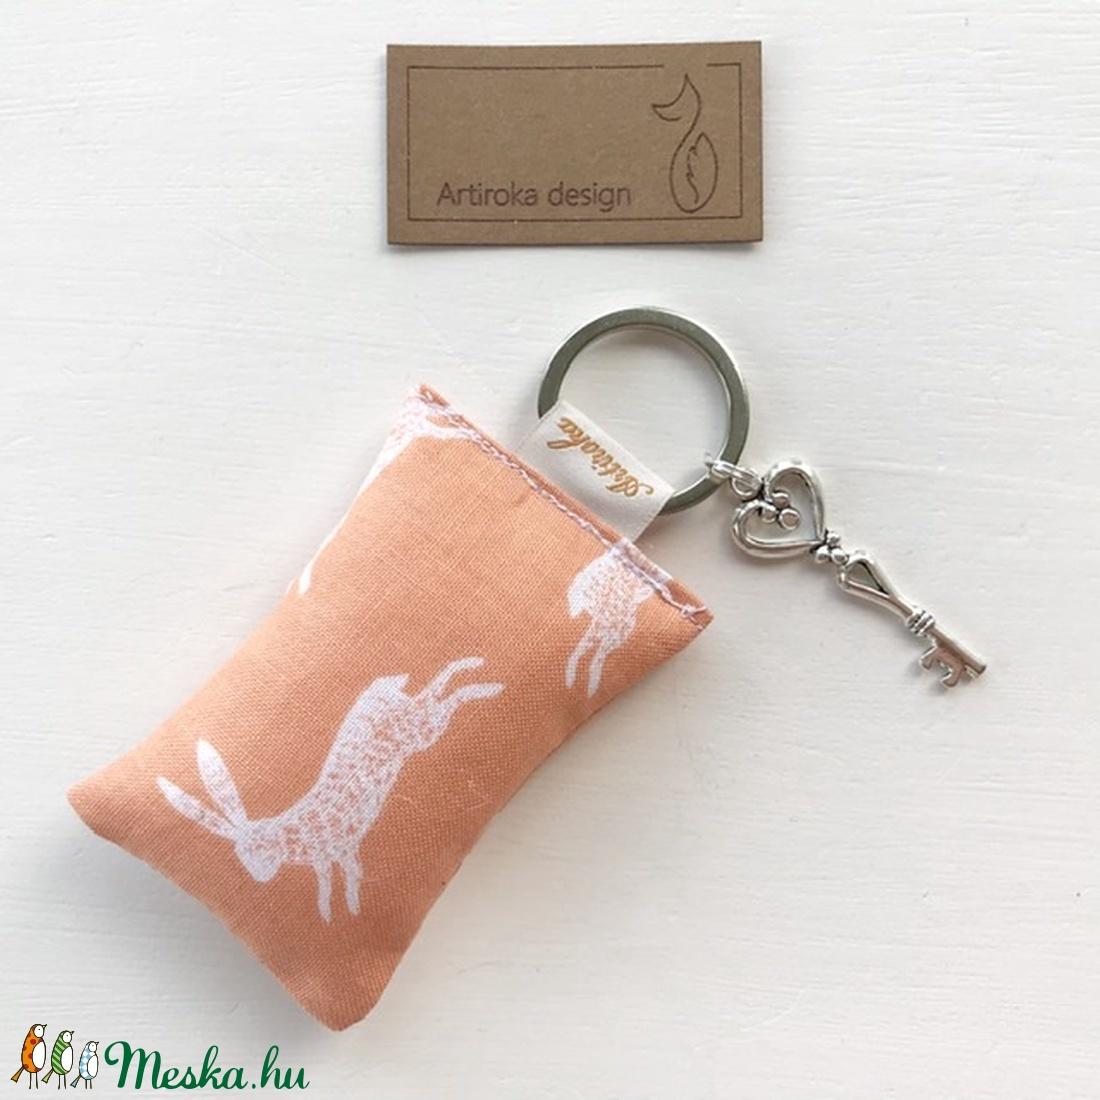 Nyuszi a réten mintás kulcstartó kis vintage kulcs dísszel - Artiroka design  - Meska.hu